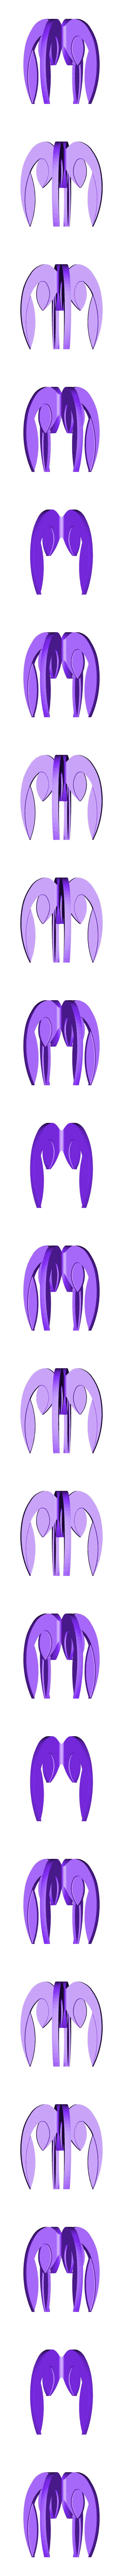 porte crayon.STL Télécharger fichier STL gratuit porte crayon composé de 4 logos STRATOMAKER • Modèle pour imprimante 3D, GuilhemPerroud